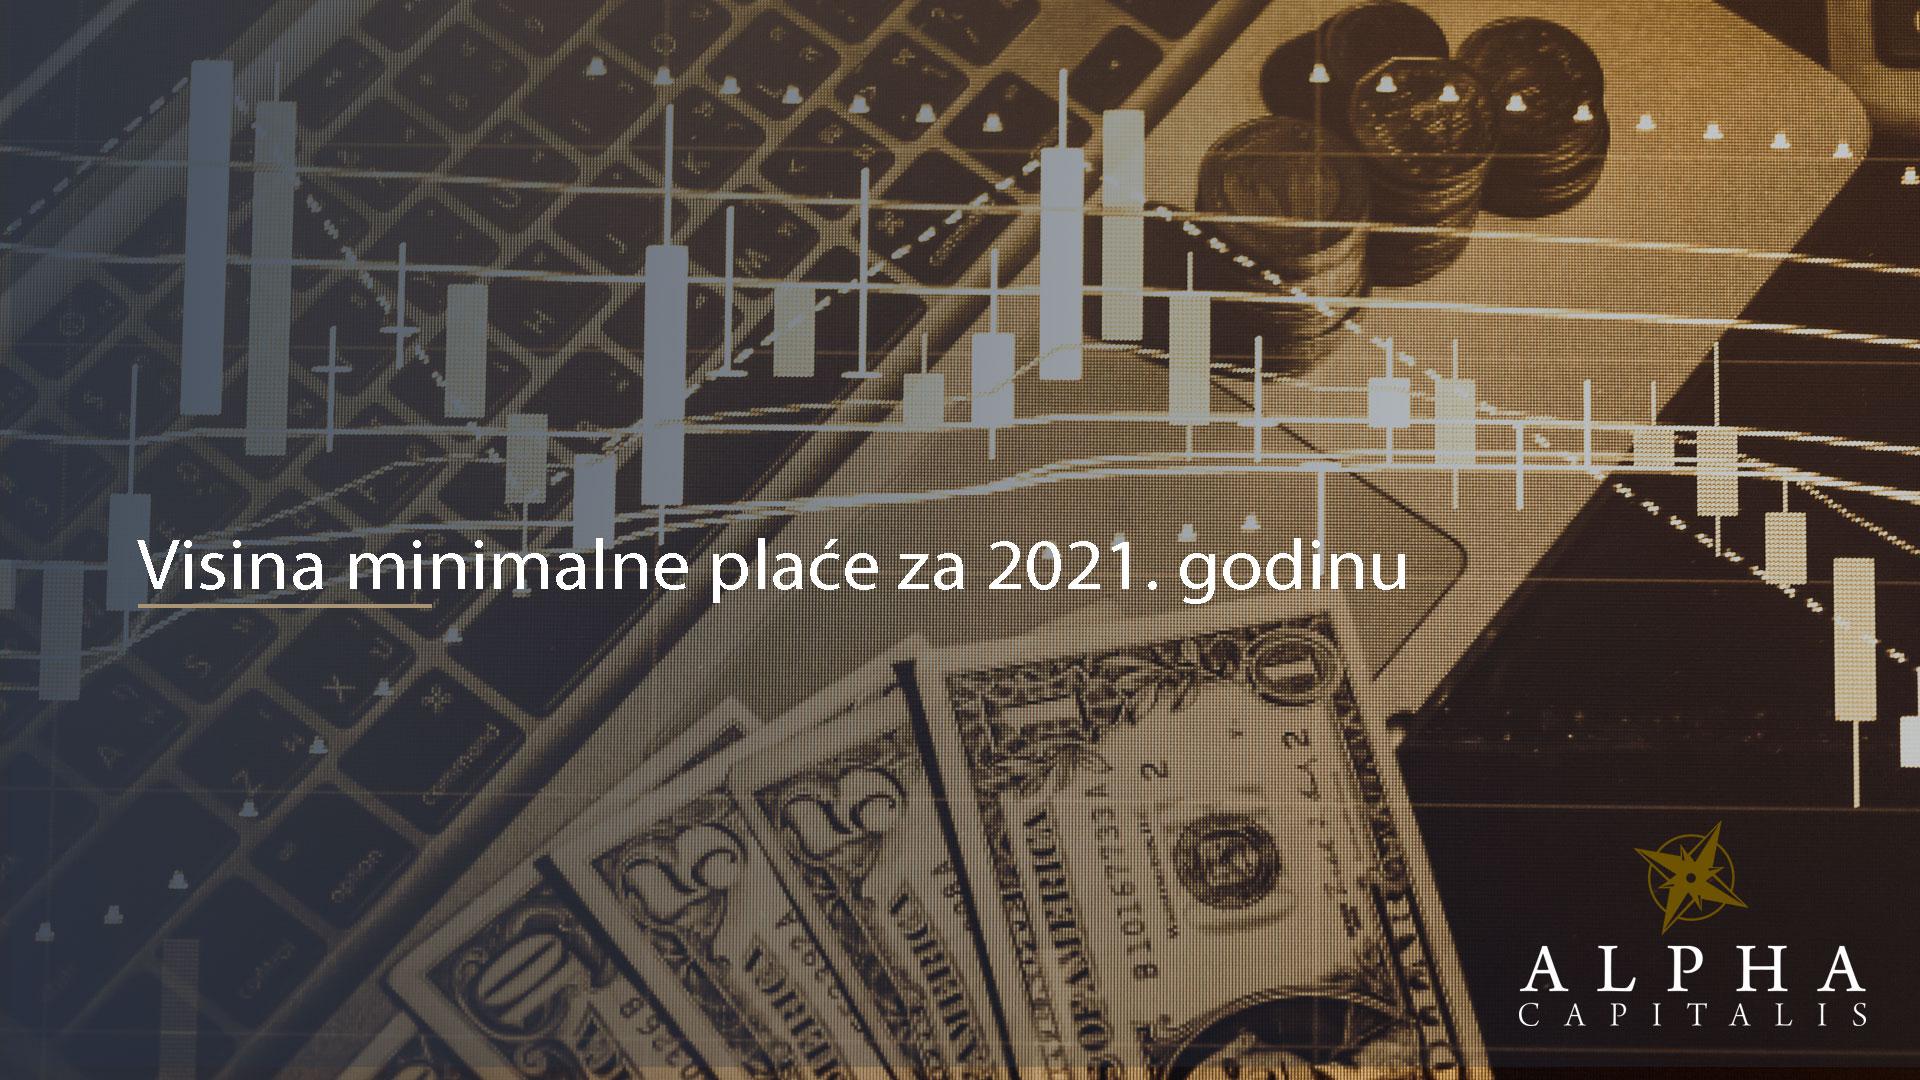 Visina minimalne plaće za 2021.god